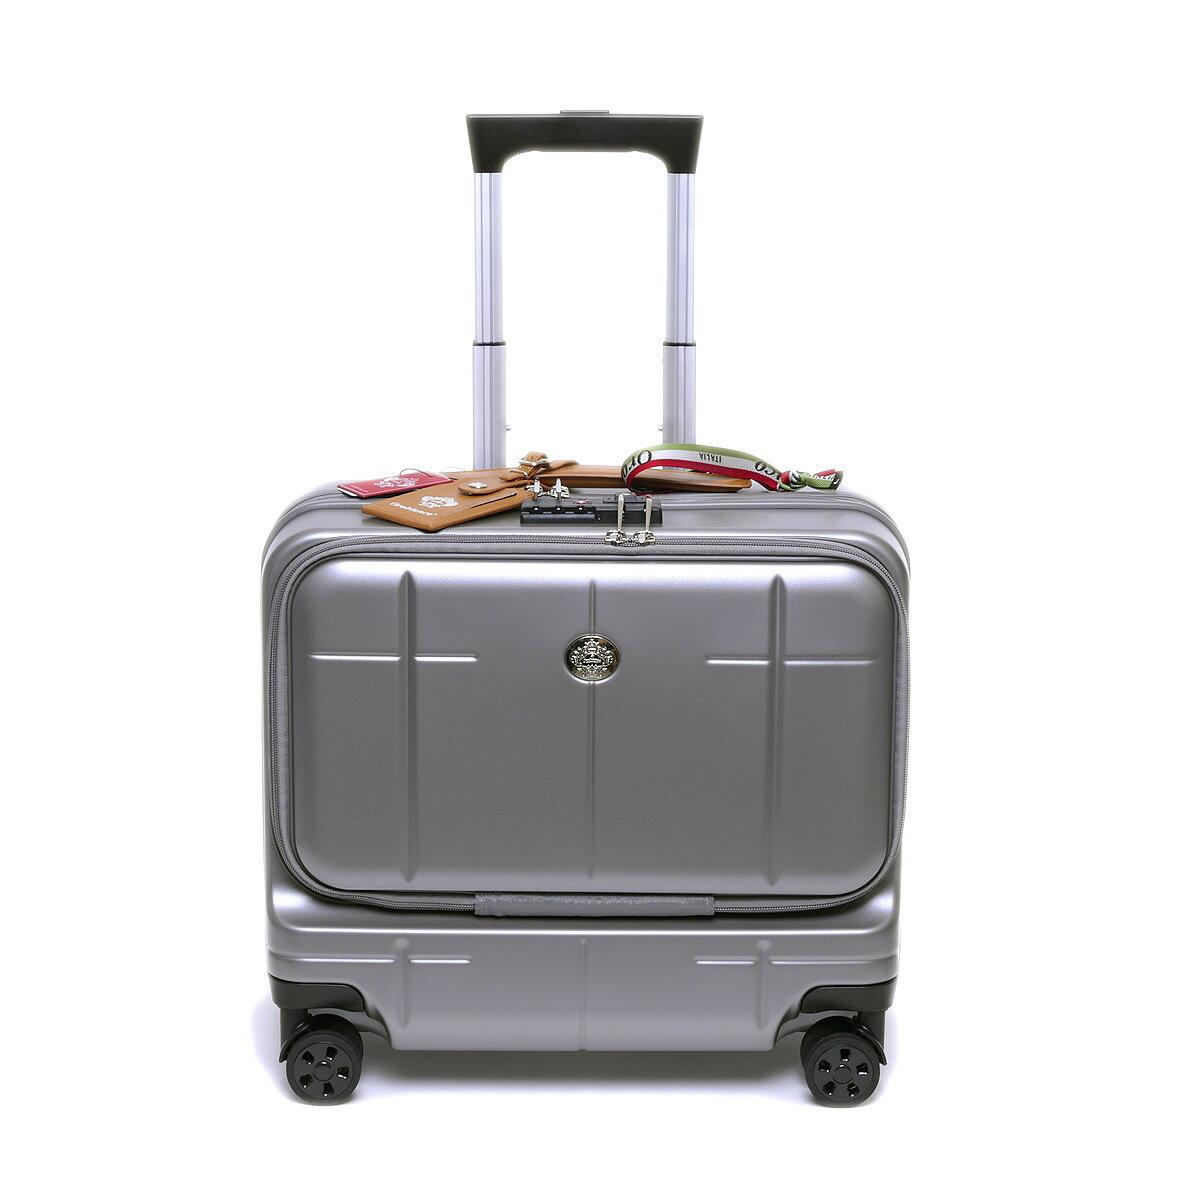 オロビアンコ【国内正規品】 スーツケース ARZILLO アルズィーロ 横型 グレー OROBIANCO